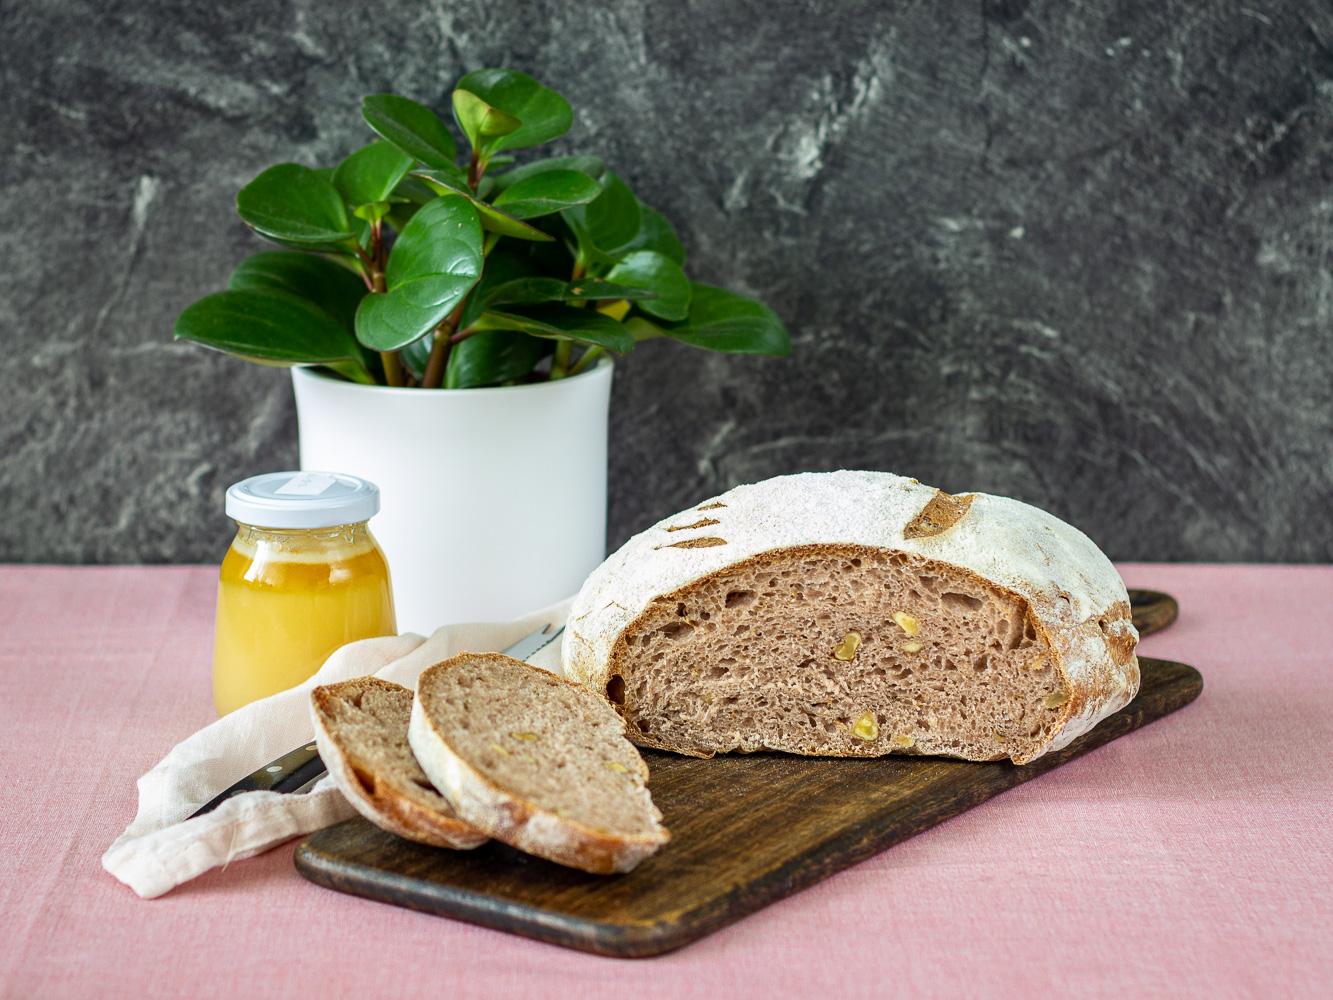 Špaldový chléb s ořechy a medem